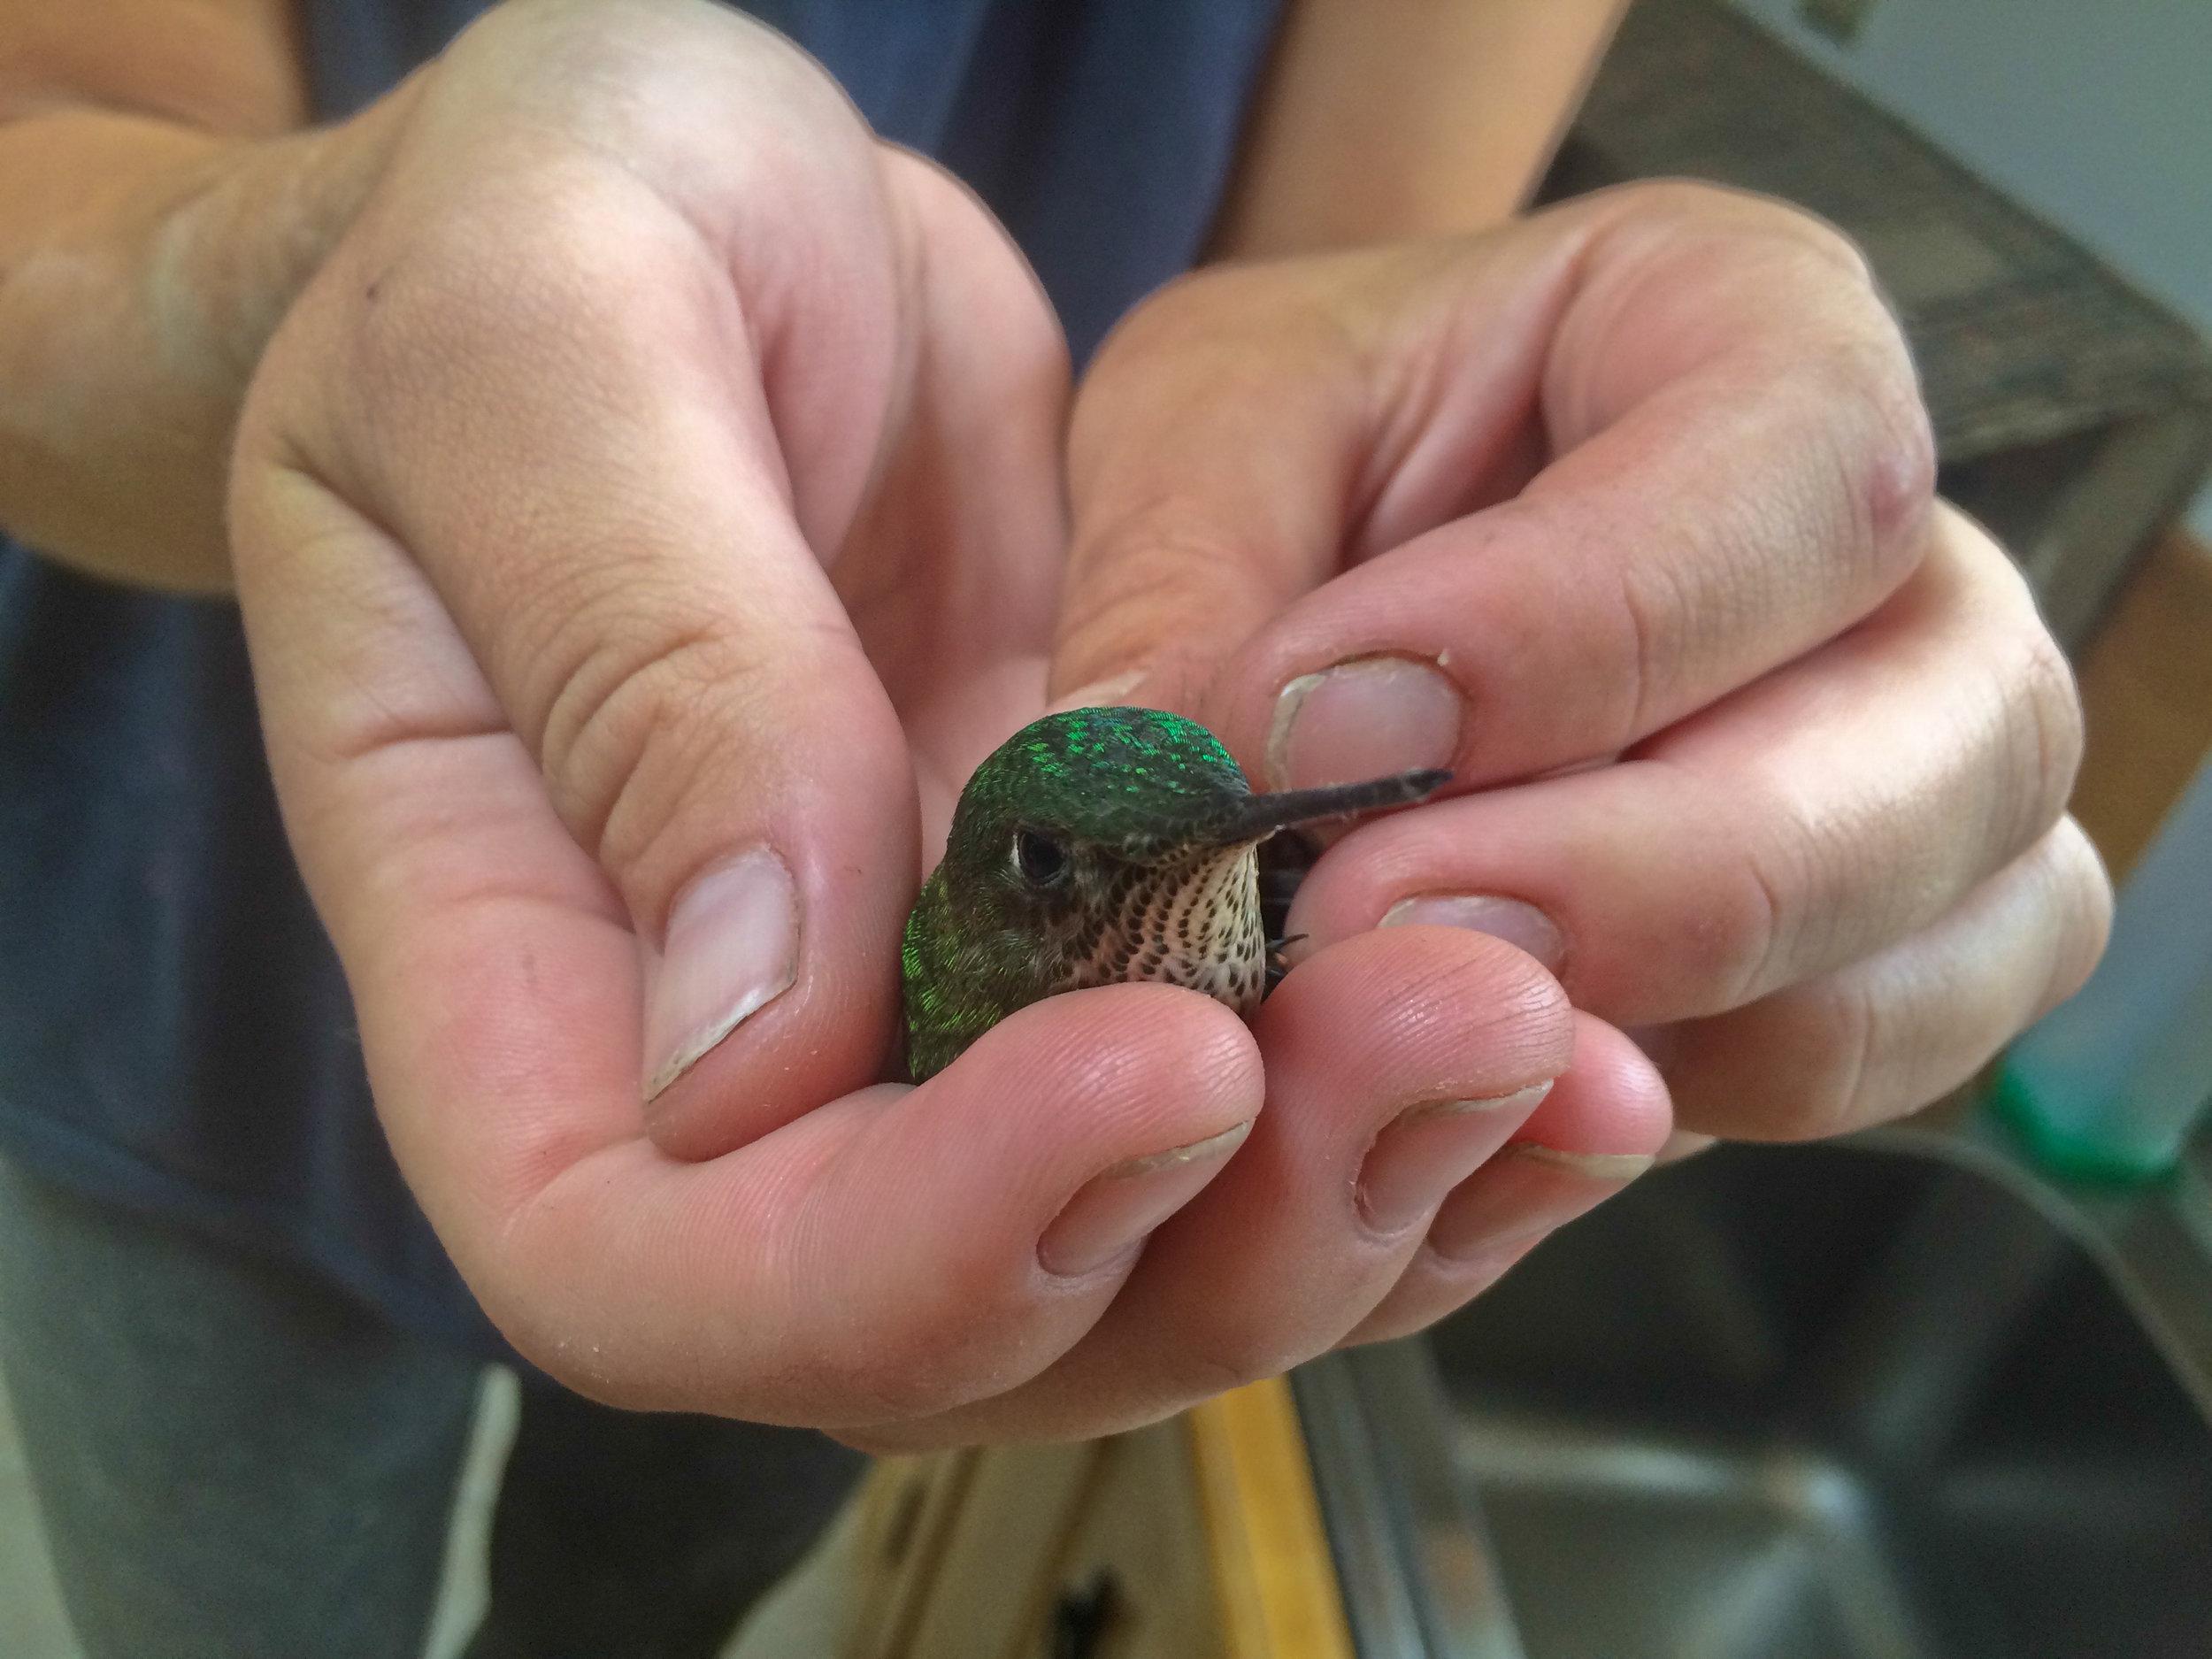 Dido vangt een kolibrie die gevangen zat in de cellar. Dit was voor ons een teken! We laten de kolibrie vrij en later ook onszelf.